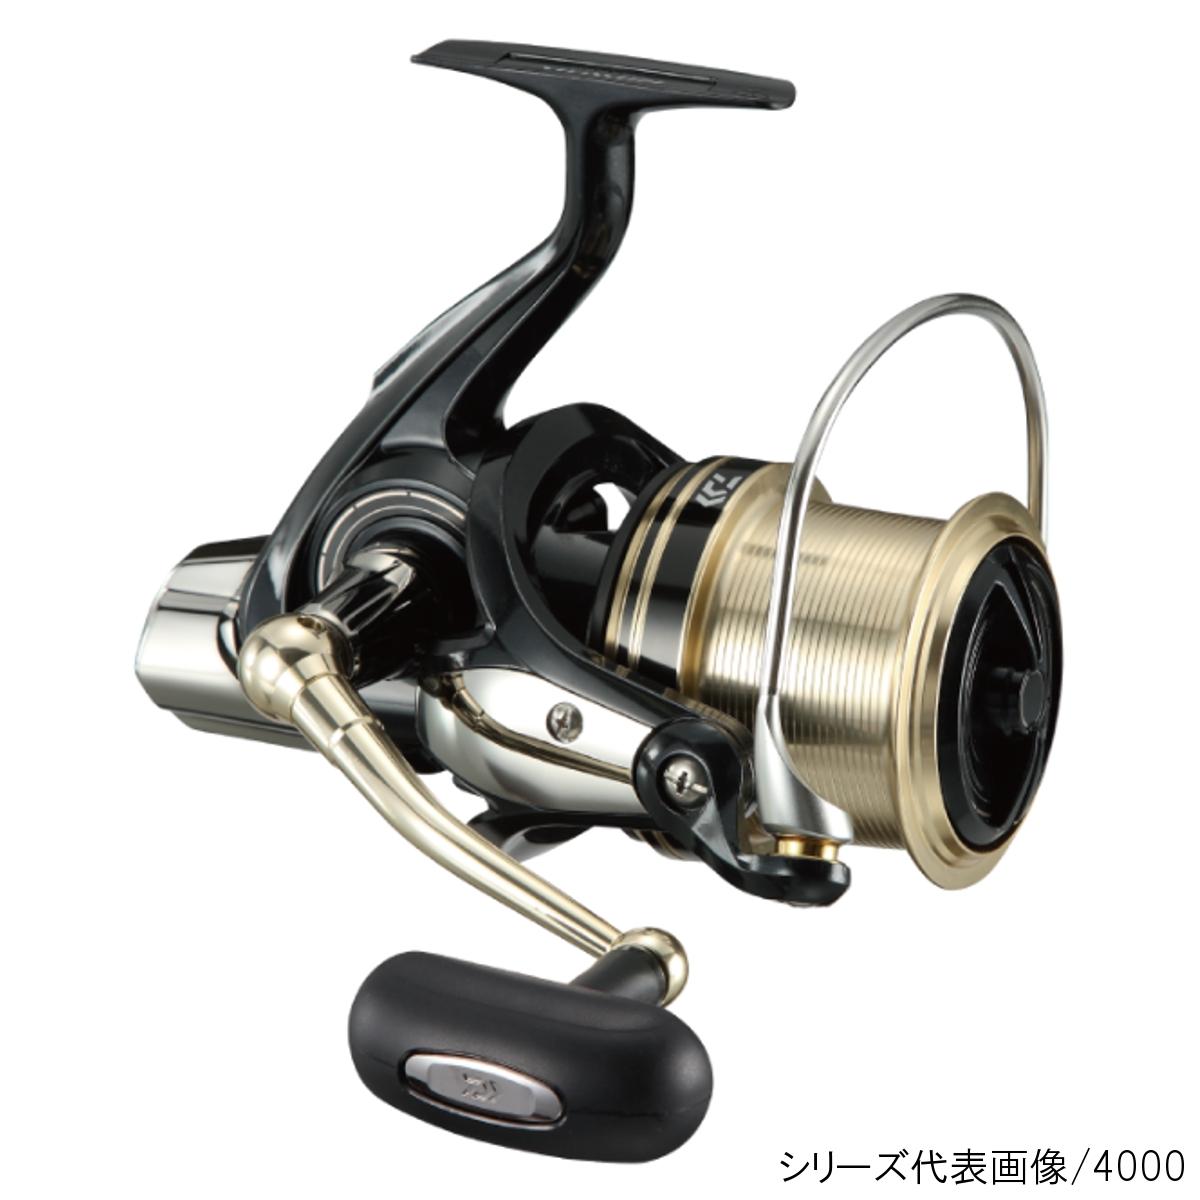 ダイワ ウインドキャスト 6000【送料無料】